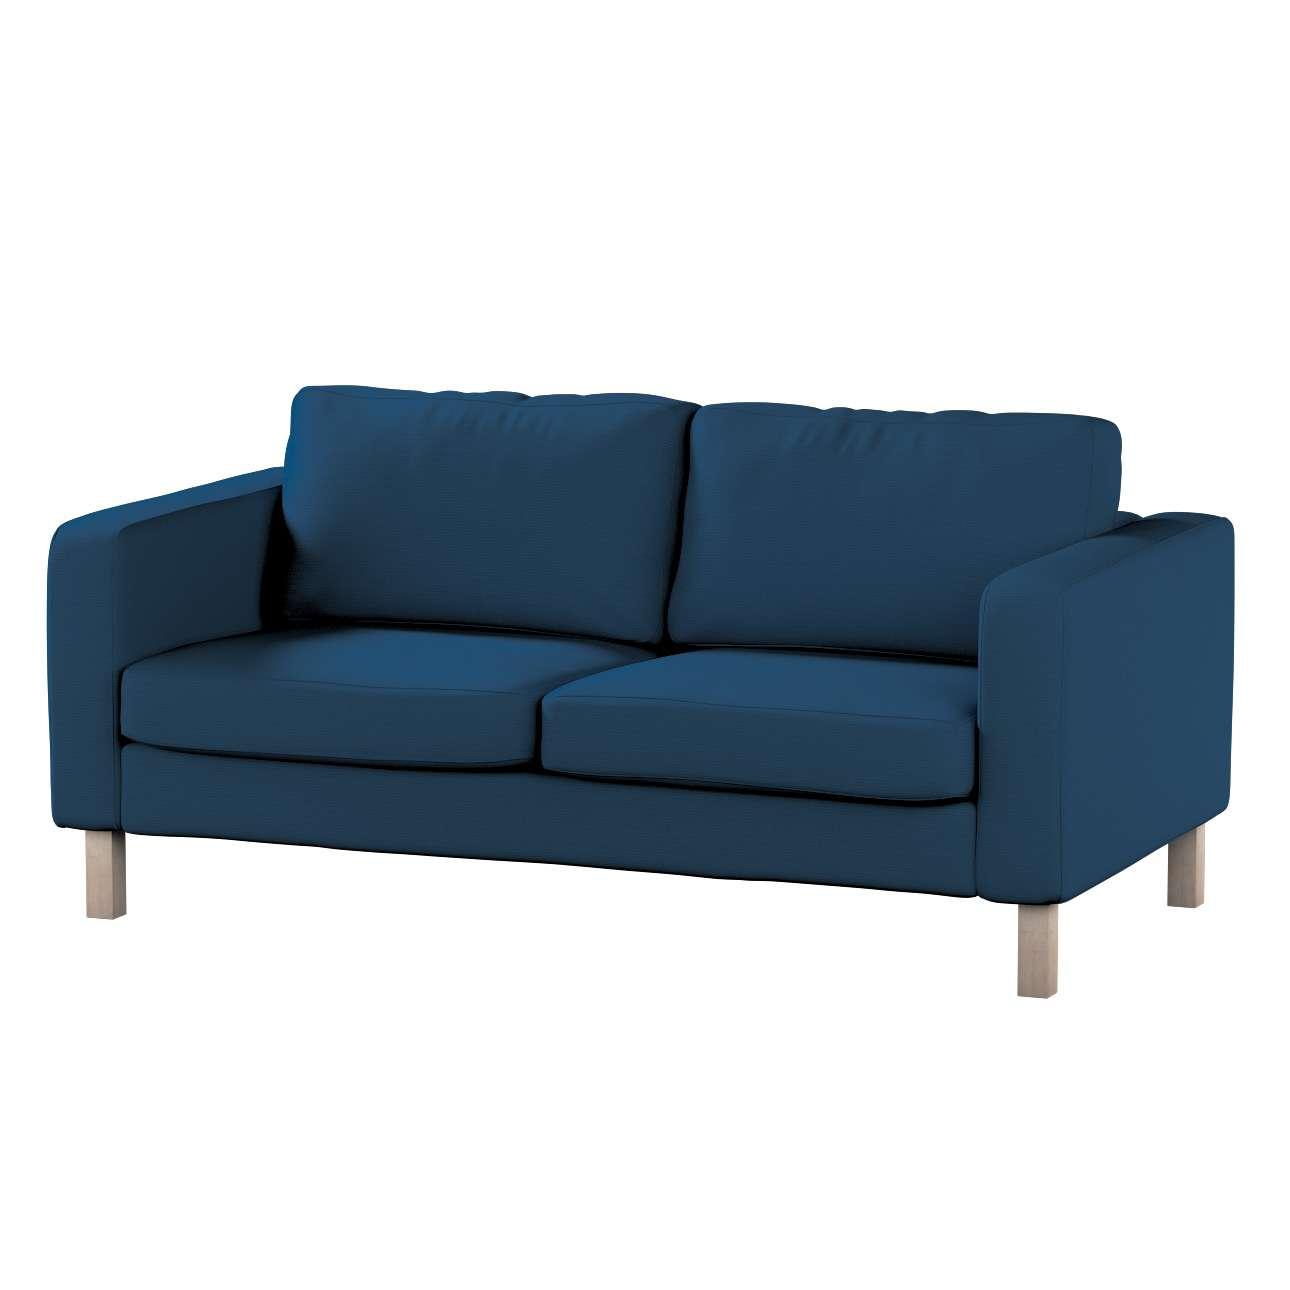 KARSLTAD dvivietės sofos užvalkalas Karlstad 2-vietės sofos užvalkalas kolekcijoje Cotton Panama, audinys: 702-30